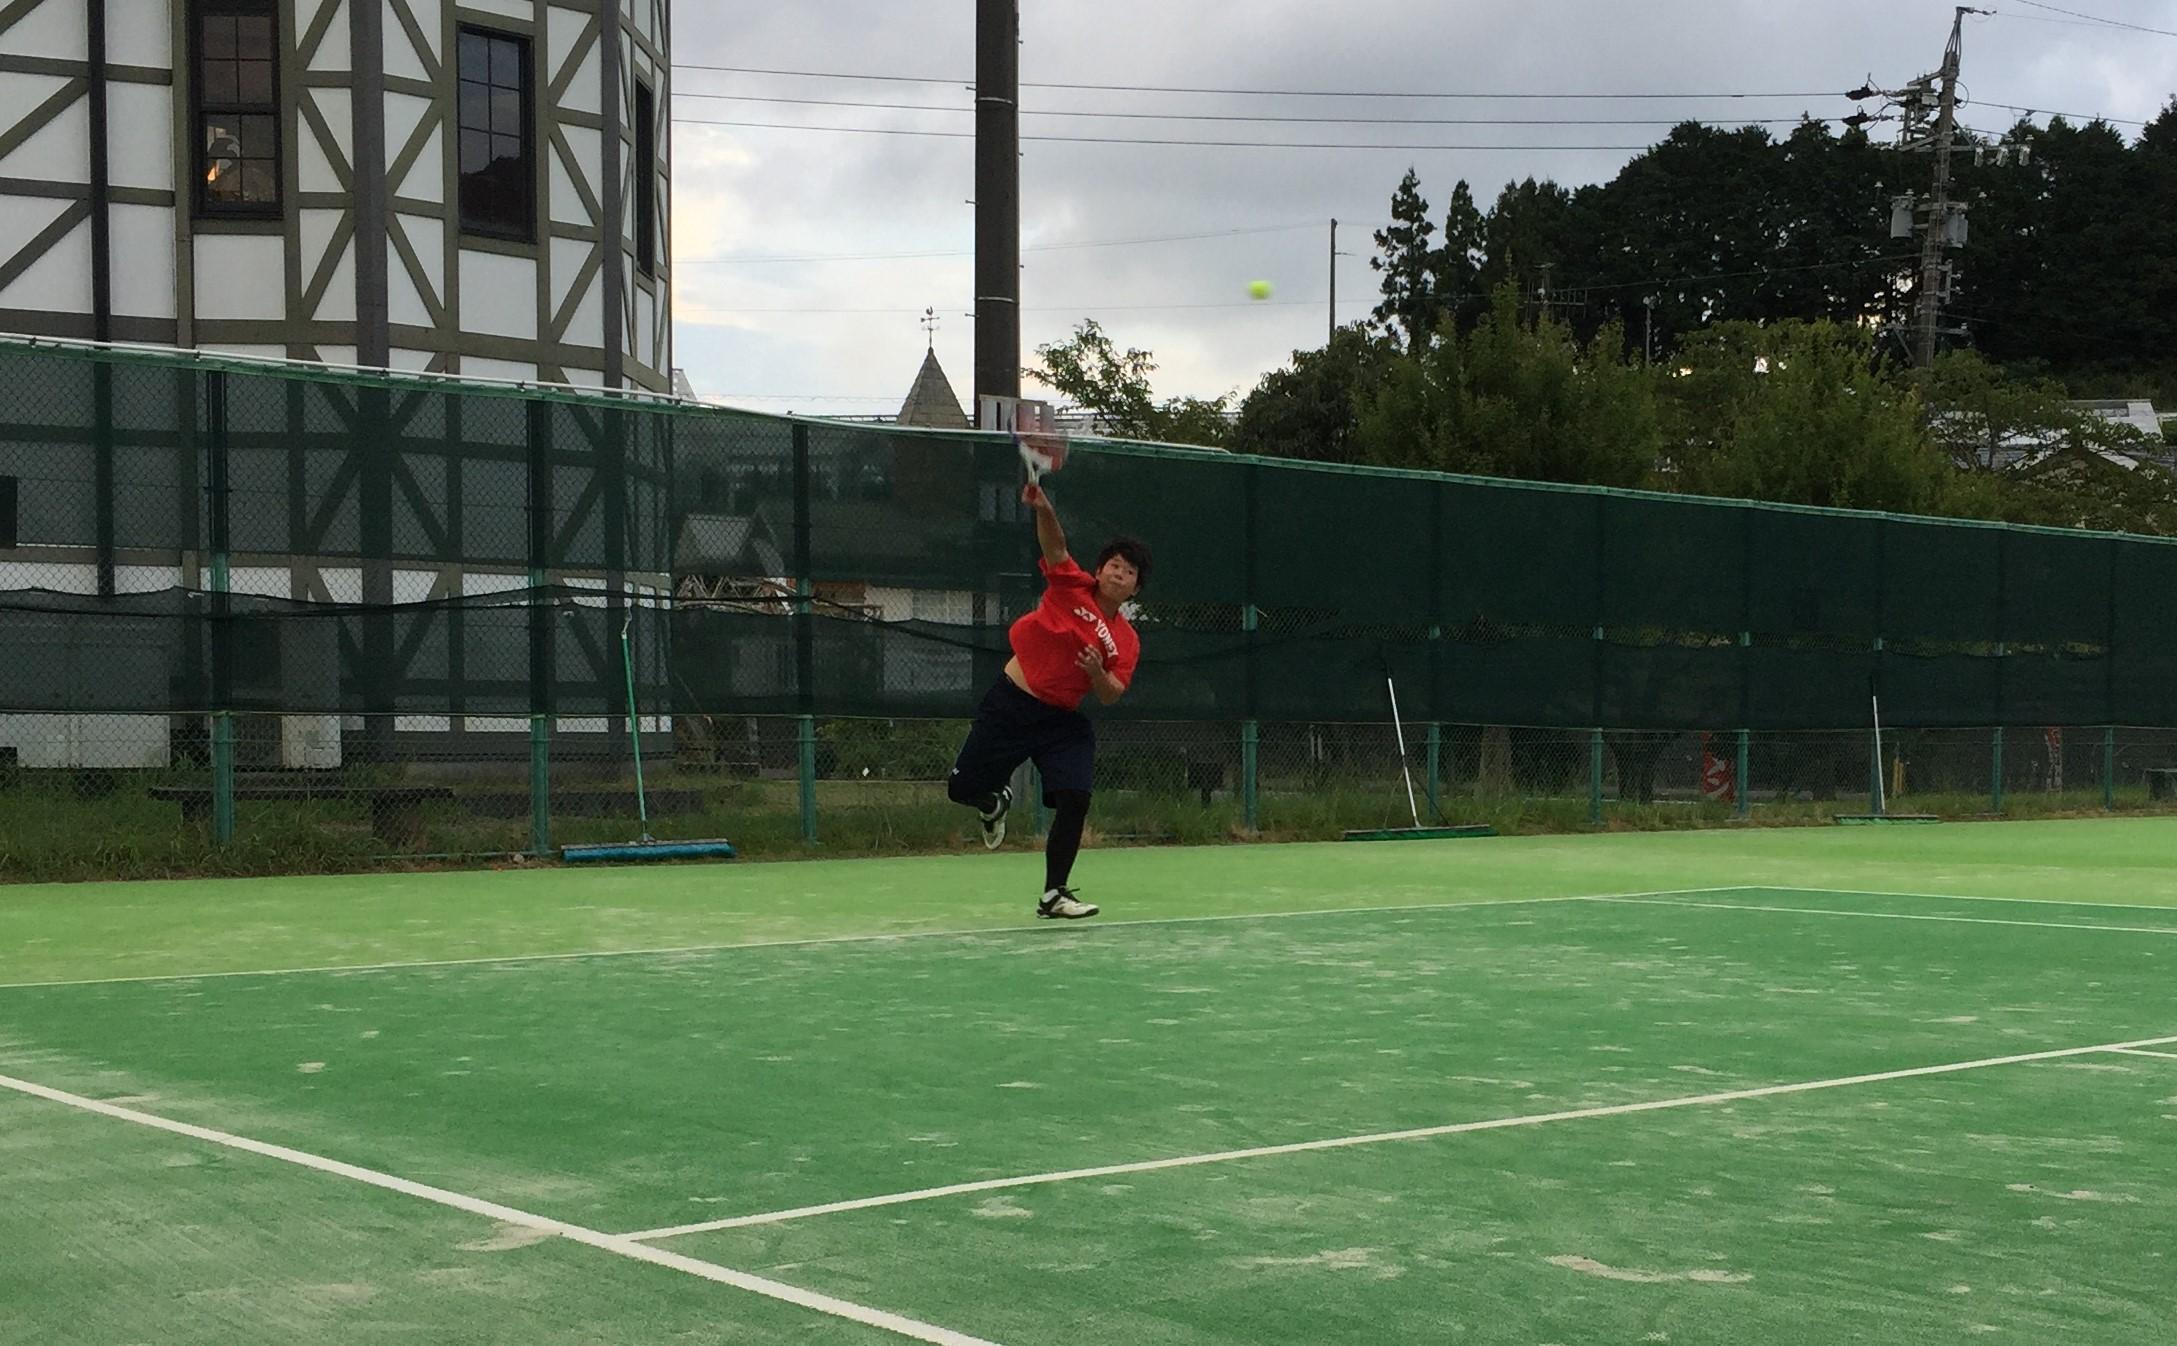 硬式テニス部、金谷高校との練習試合で技術を磨く!